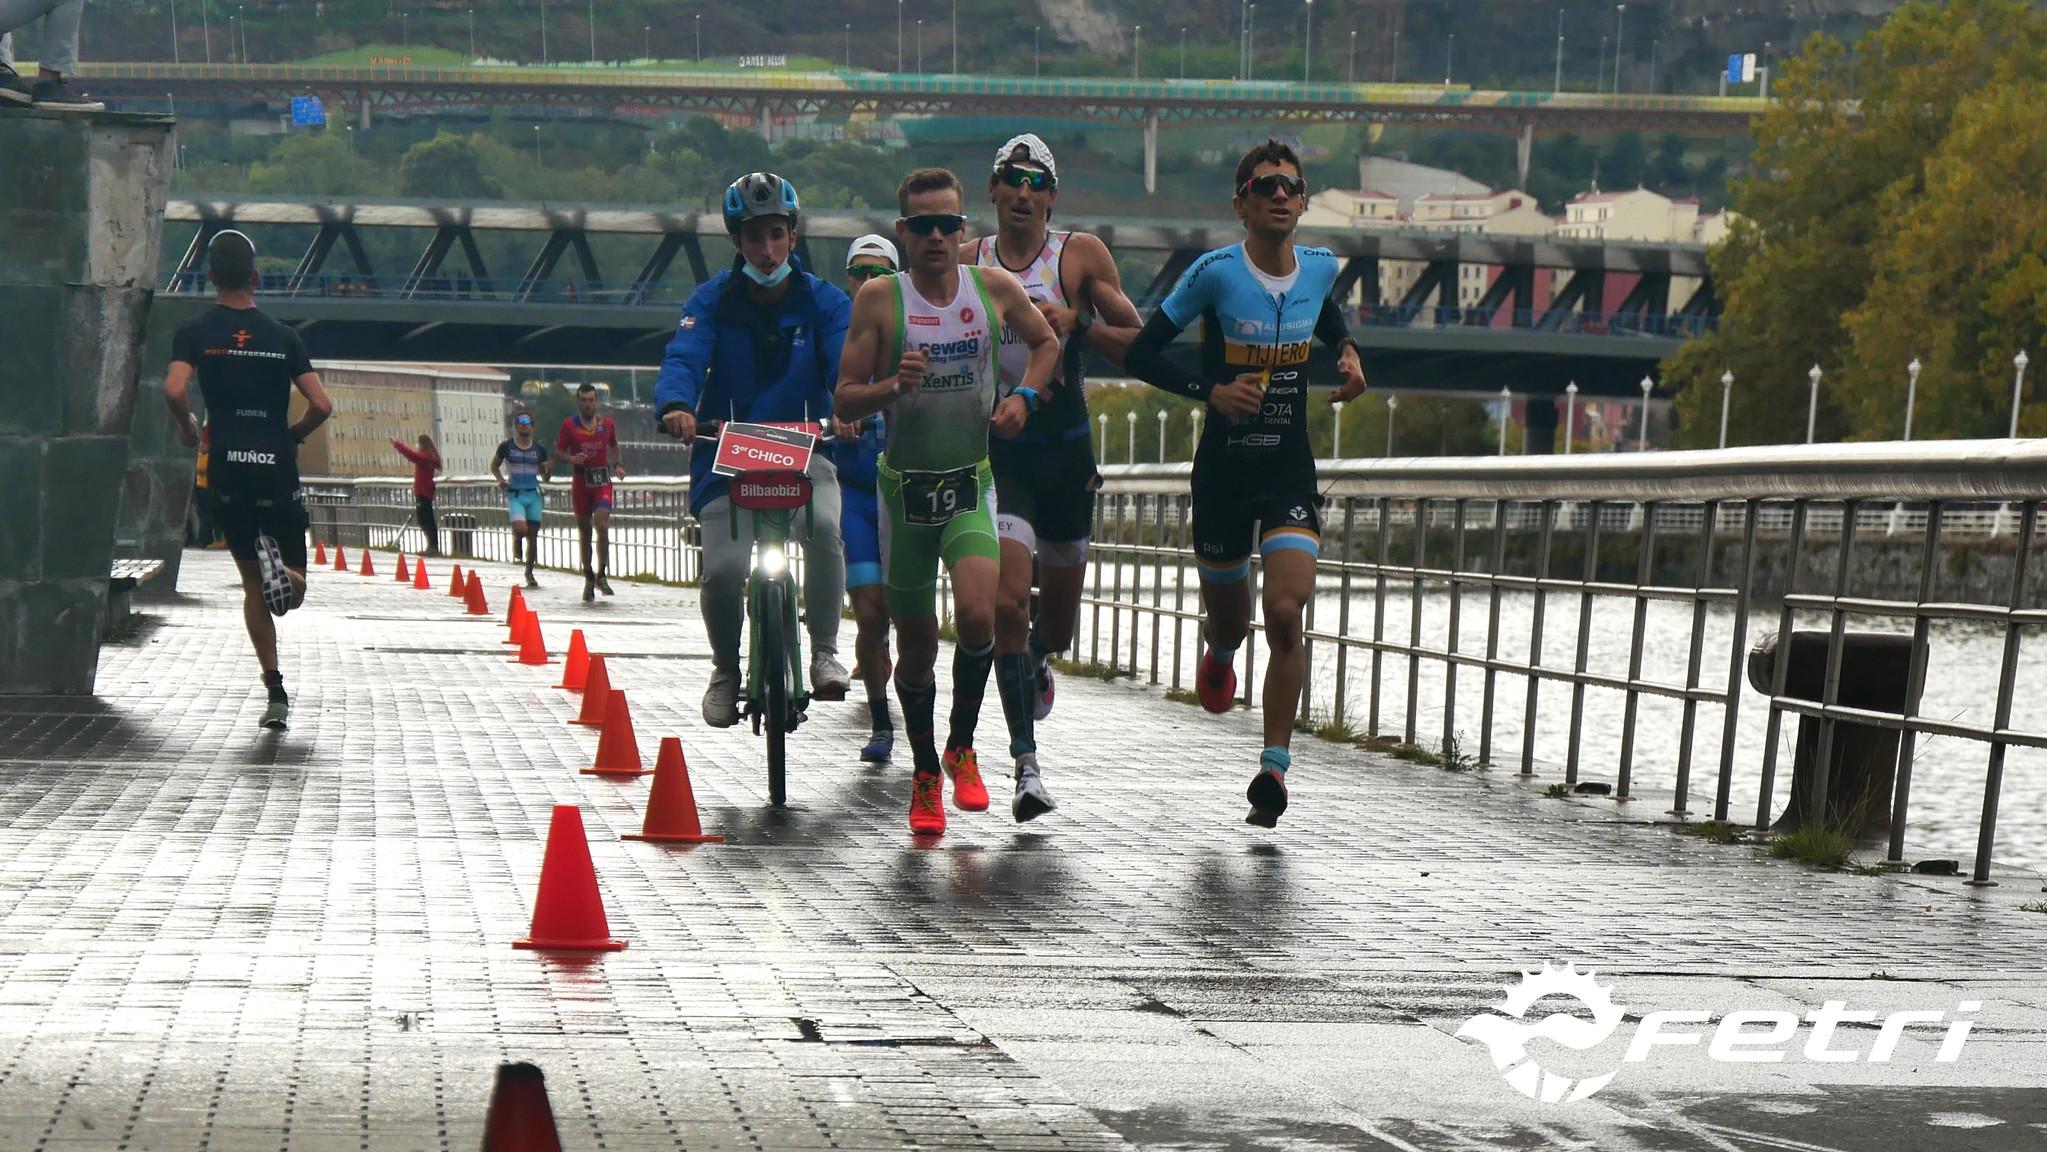 Casi 40 triatletas se han inscrito ya para el doblete de Campeonatos de España de Triatlón MD y LD en Bilbao y Platja d'Aro